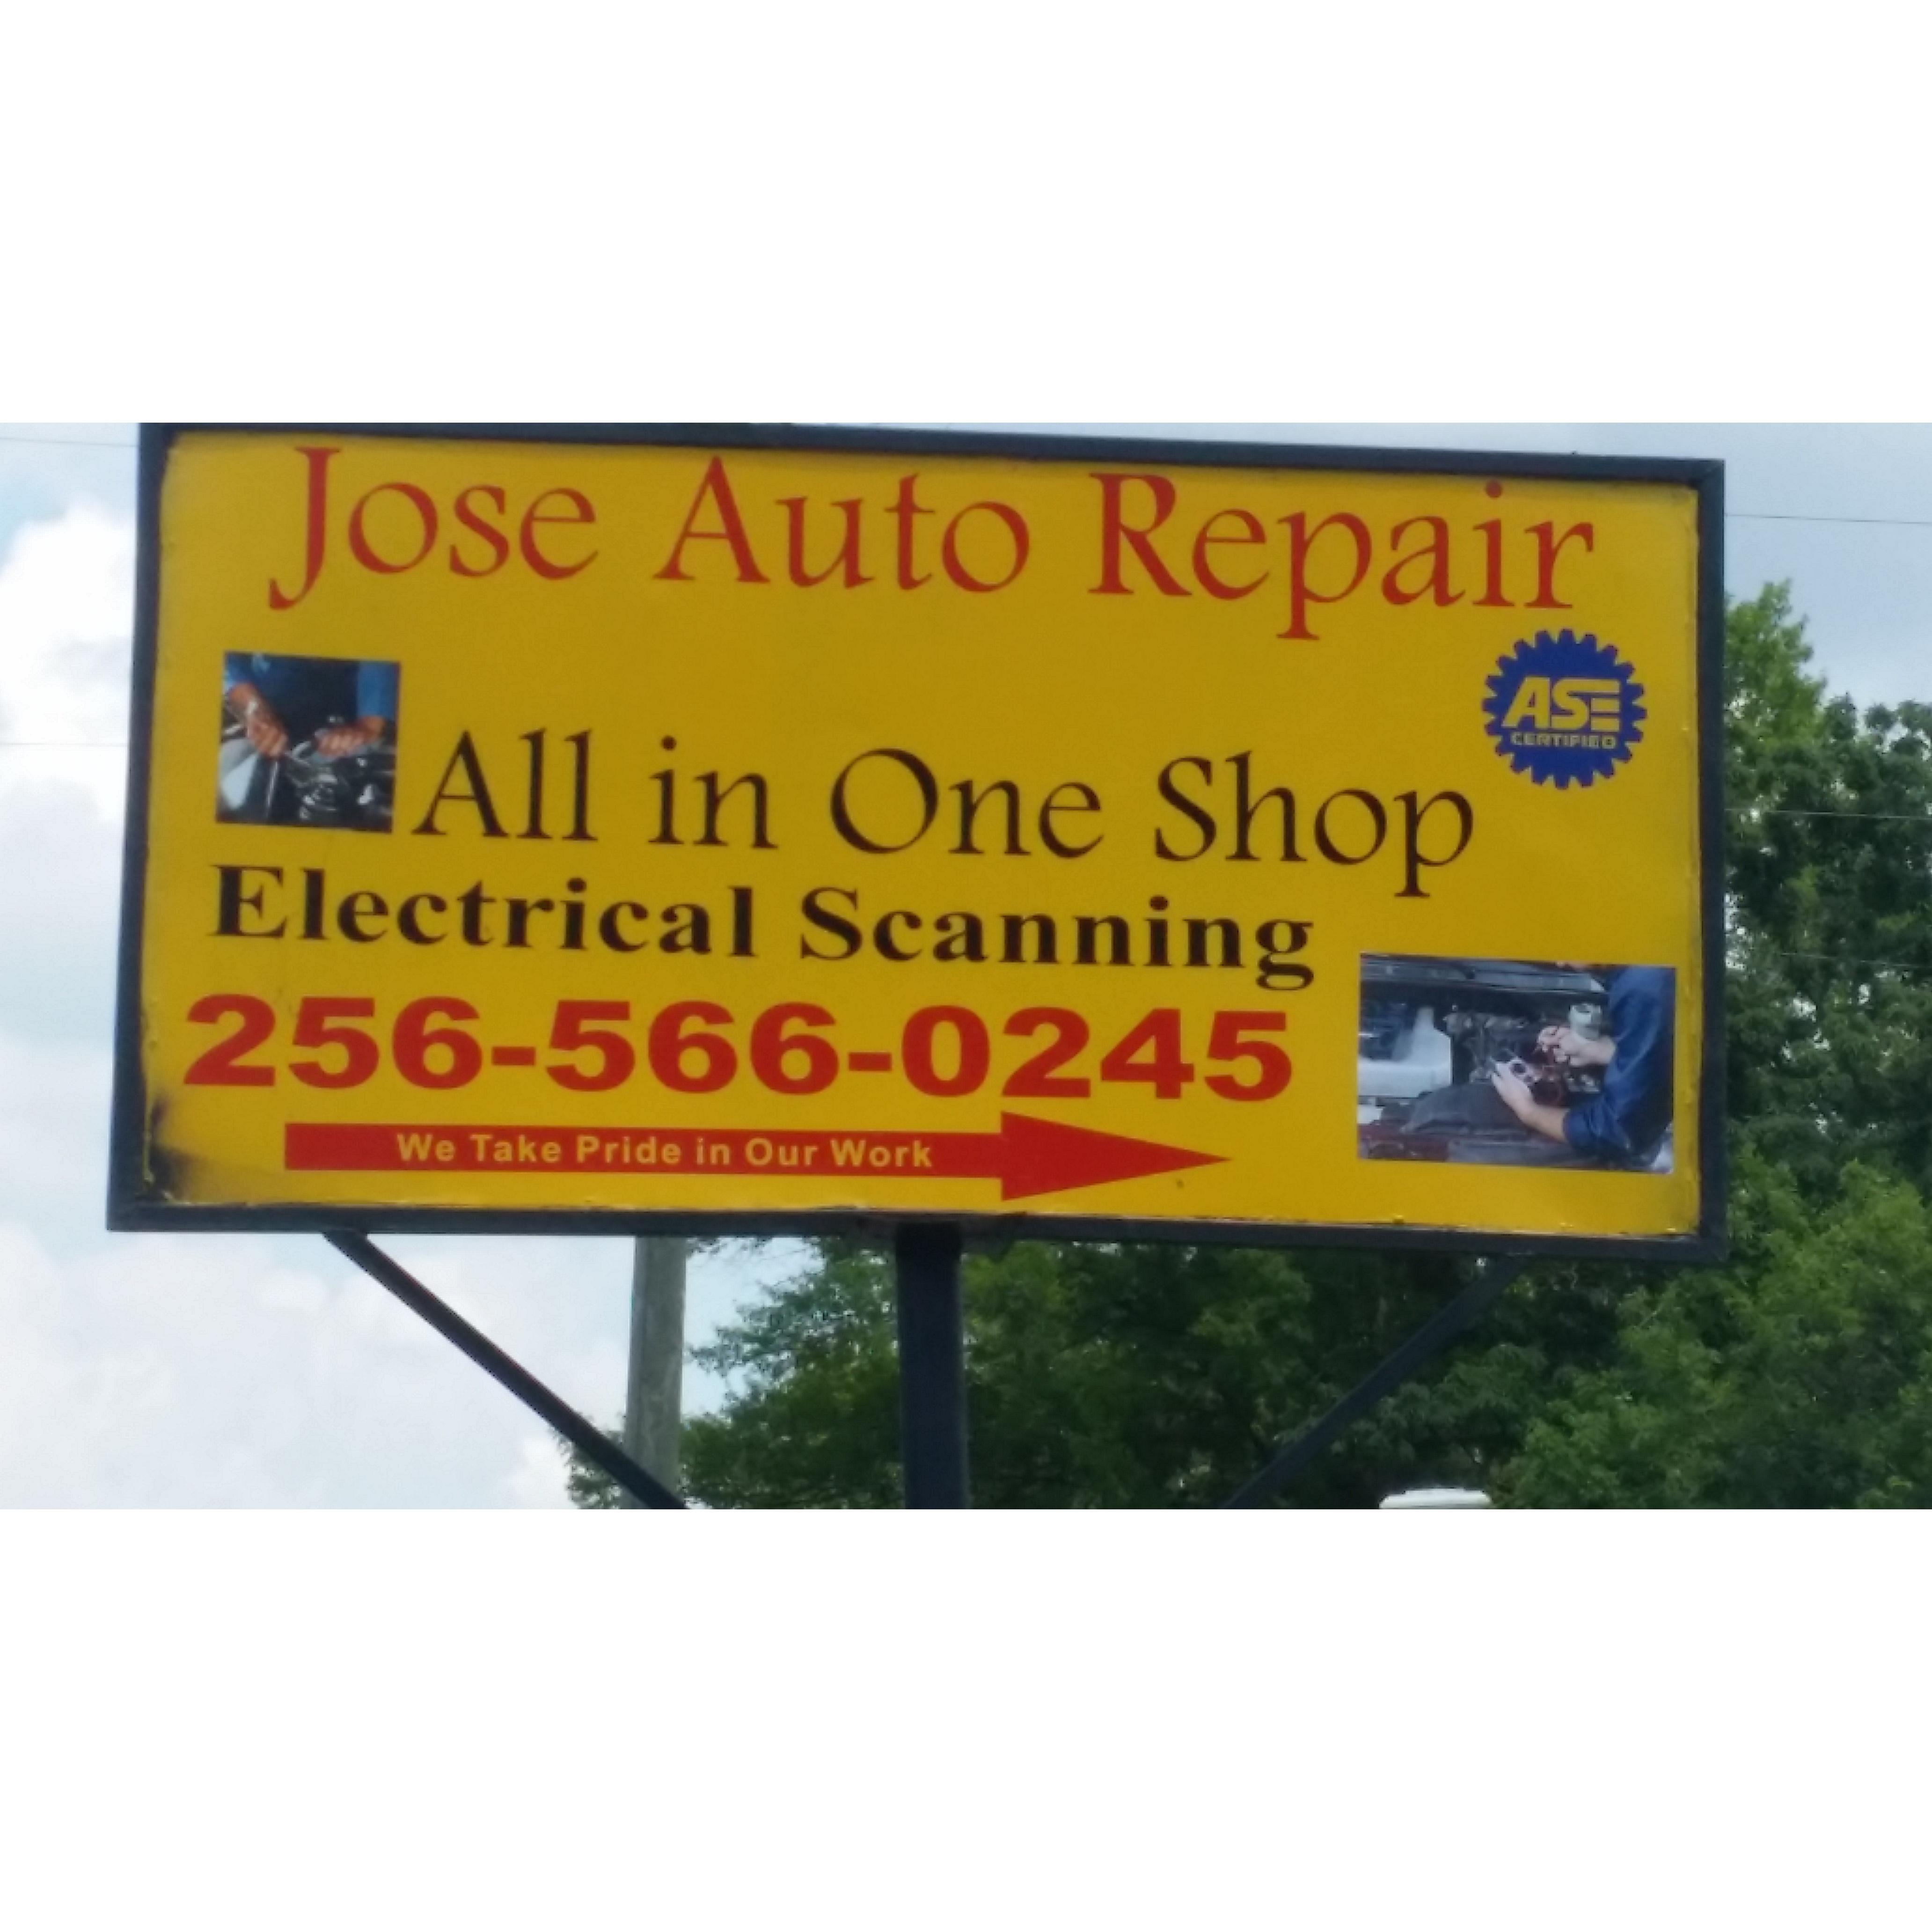 Jose Auto Repair